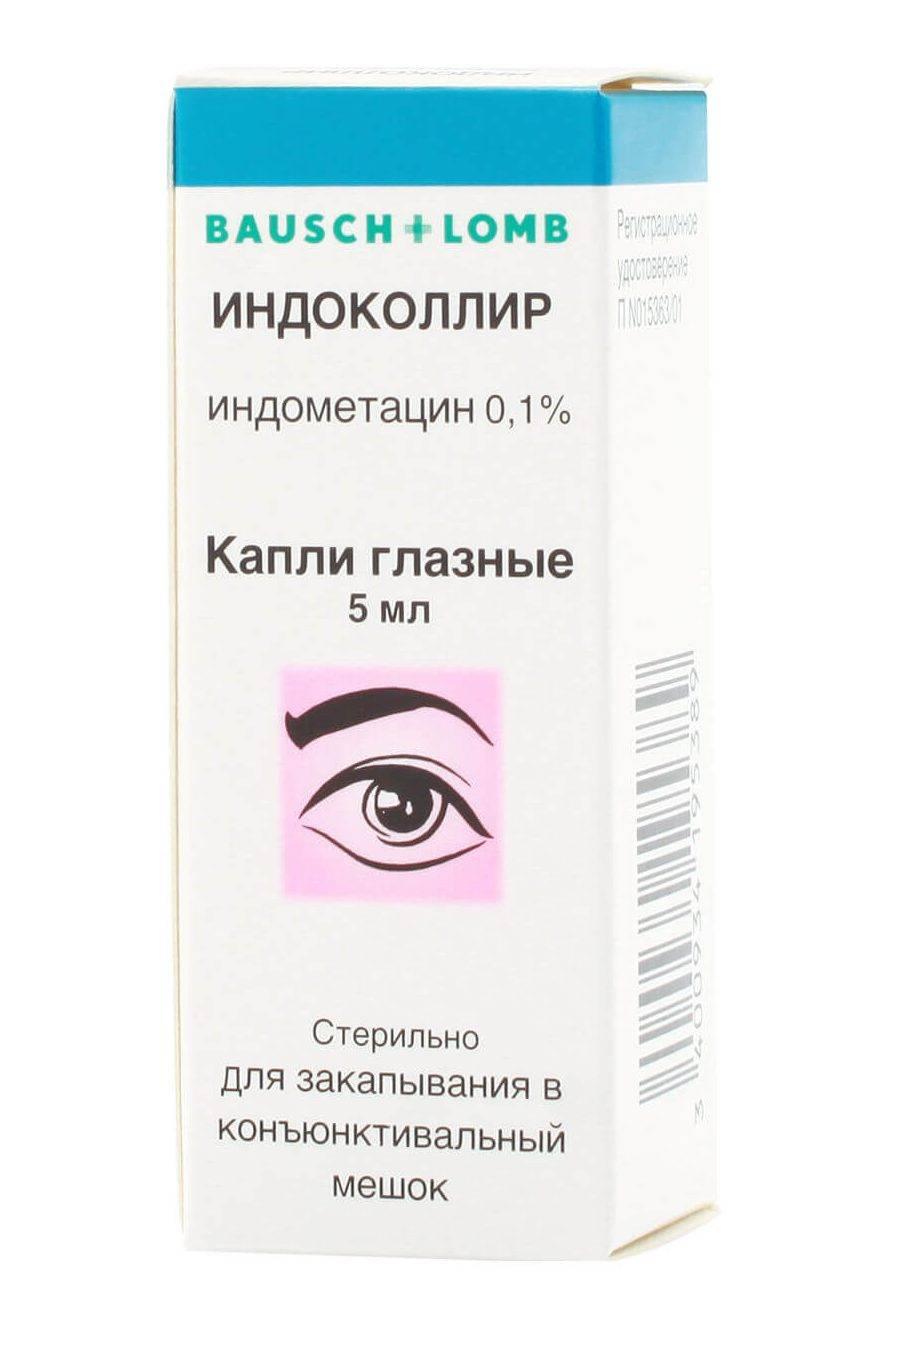 Индоколлир капли глазные - инструкция, цена, отзывы